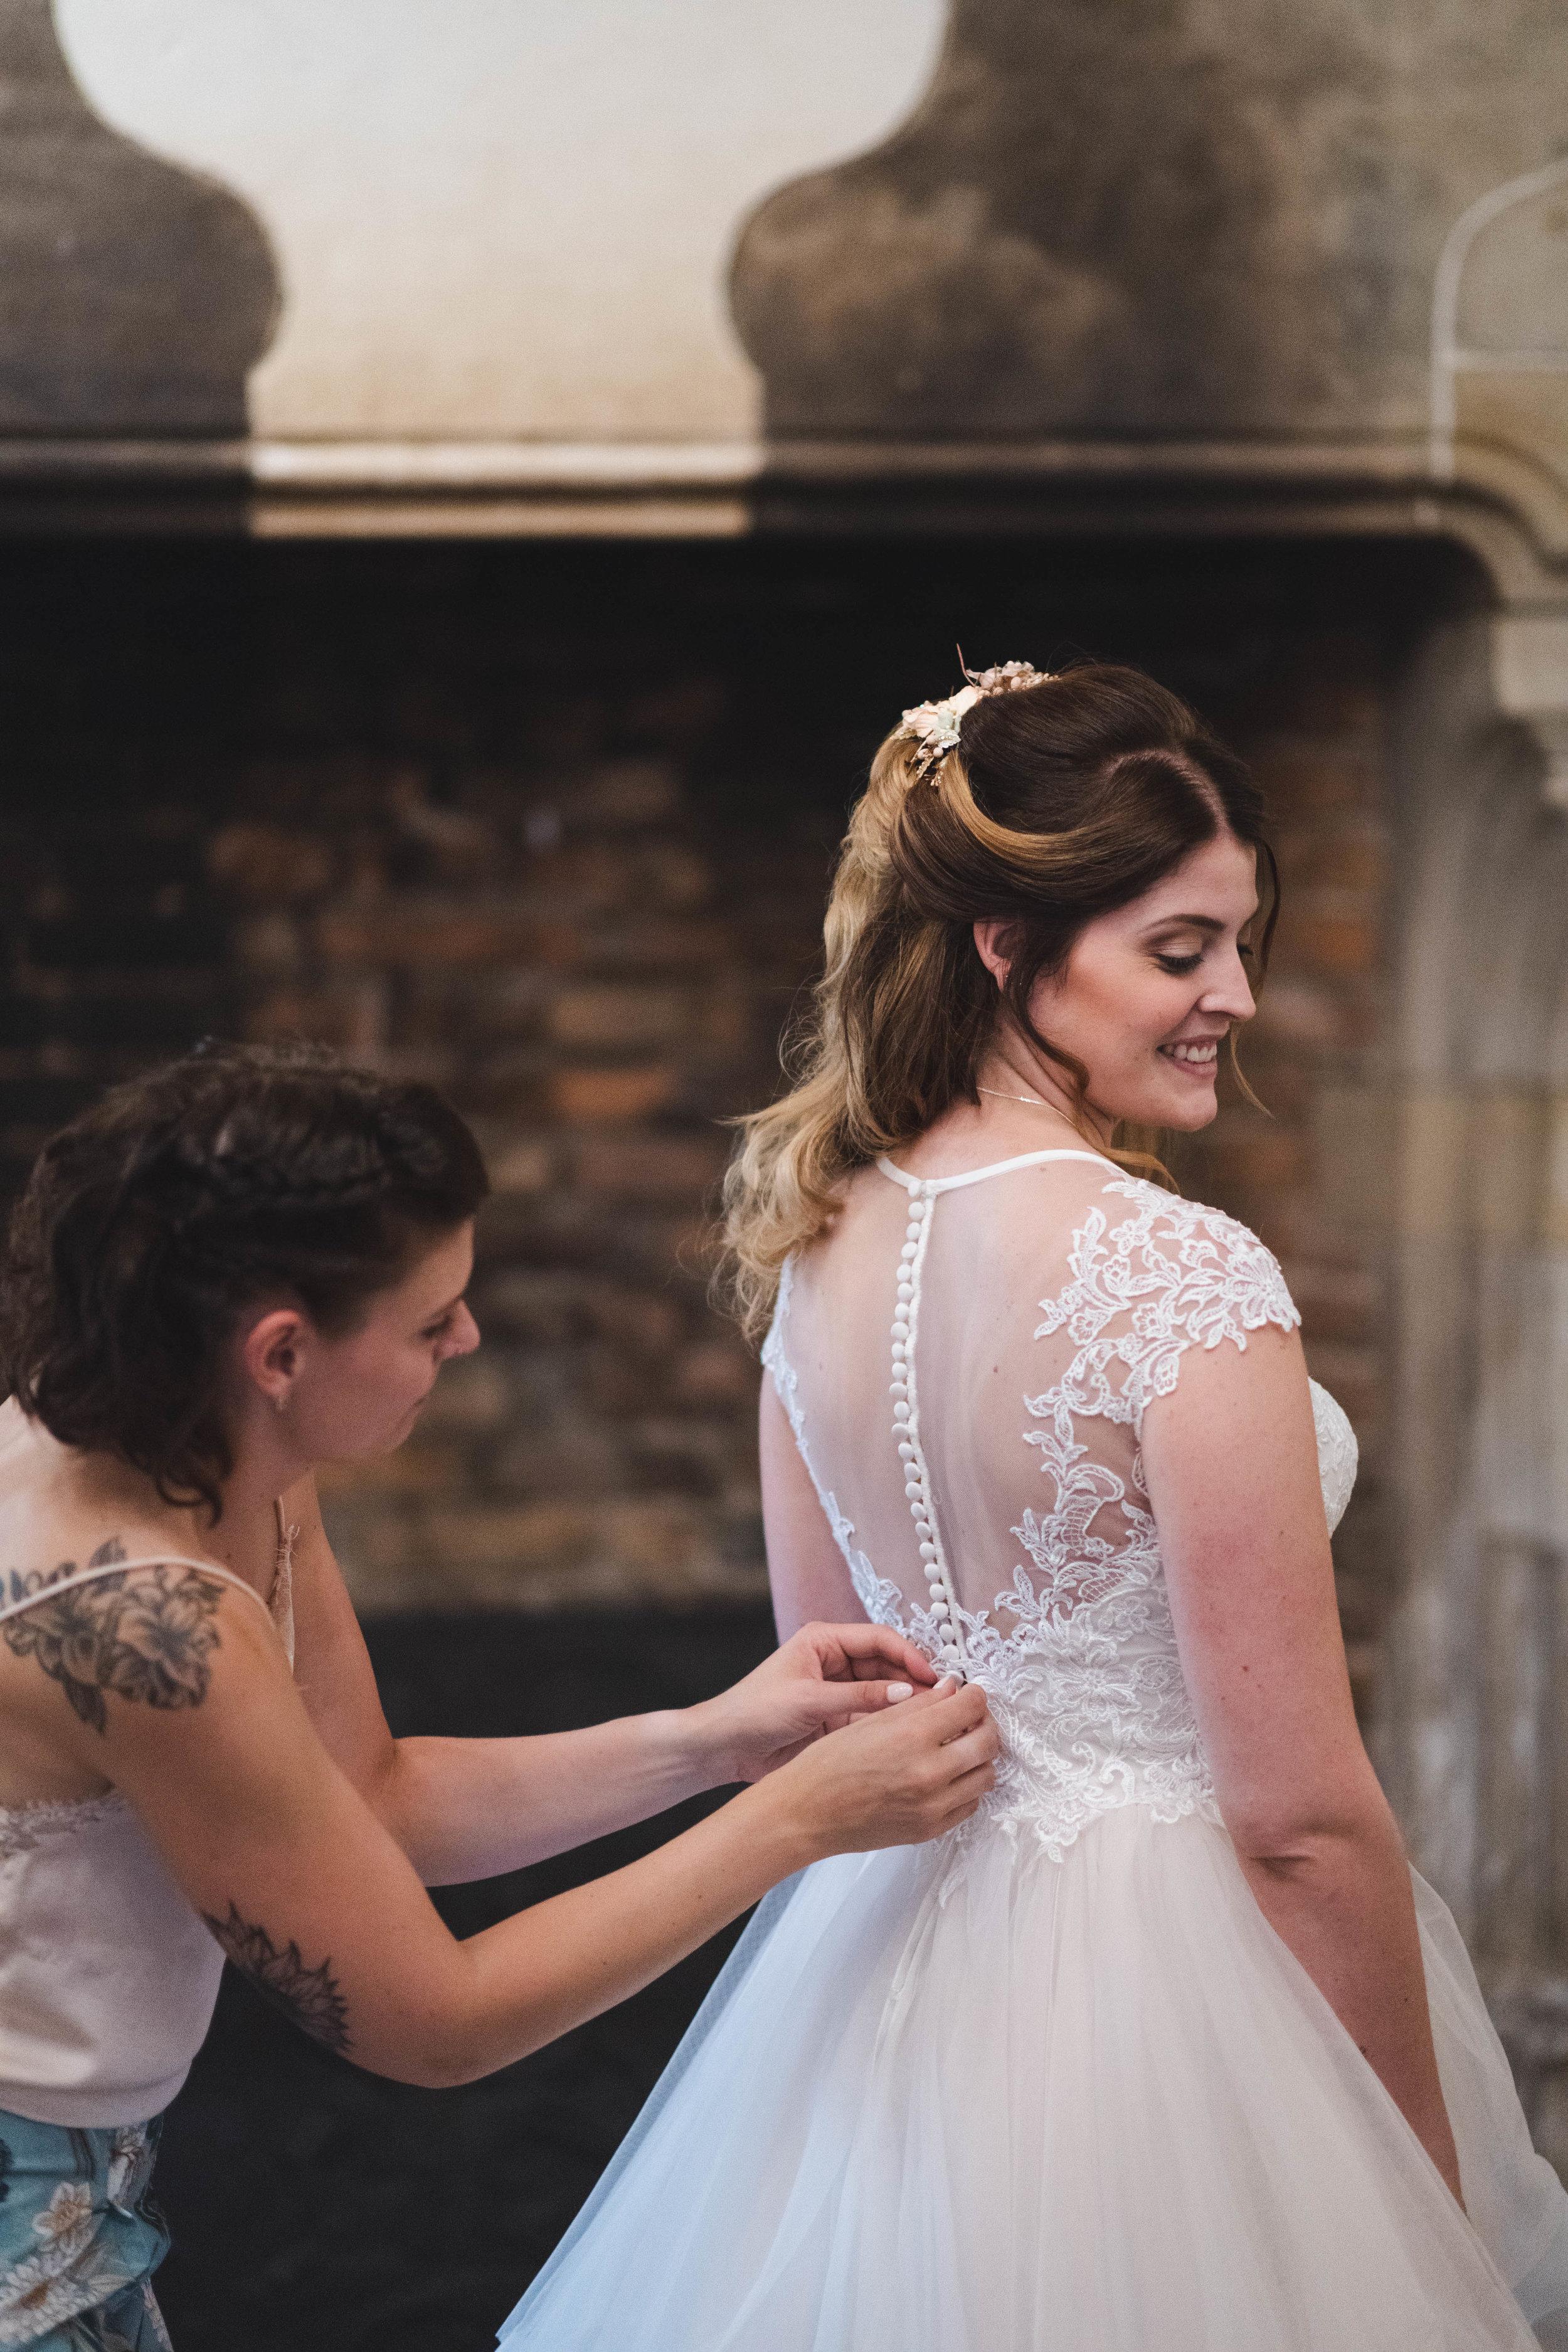 De zus van de bruid helpt haar in haar bruidsjurk. Deze bruiloft vond plaats in Kasteel Duurstede. Ik ben als trouwfotograaf meer dan bereid om mee te gaan naar allerlei locaties in Nederland.